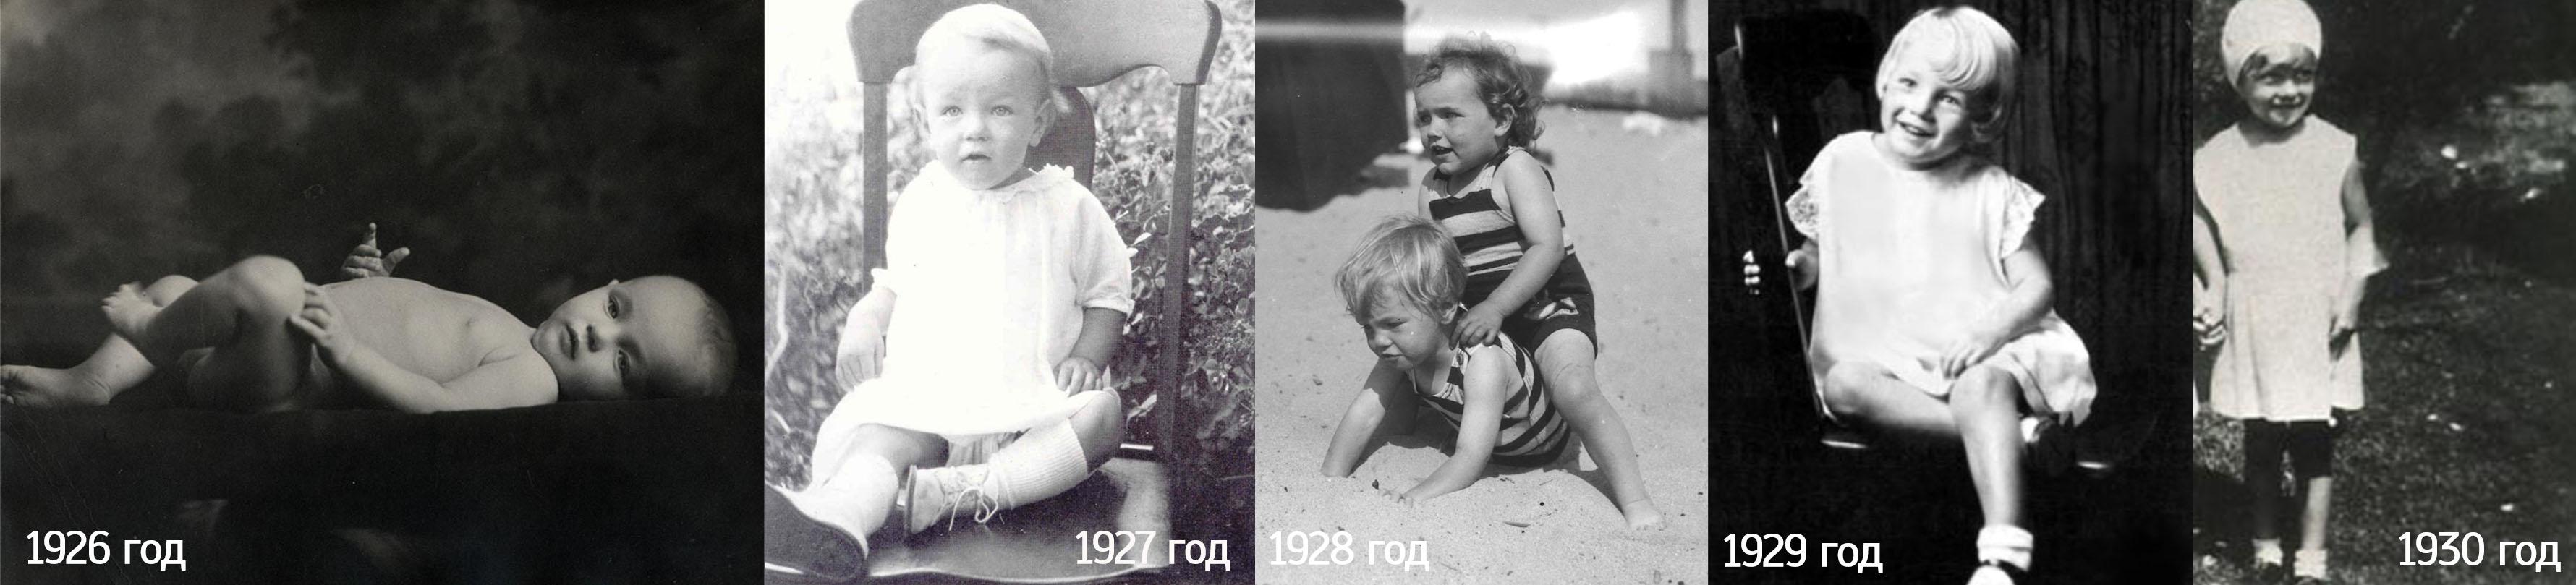 Фотоистория о том, как маленькая Норма Джин из Лос-Анджелеса превратилась в самую соблазнительную женщину XX века (8 фото)